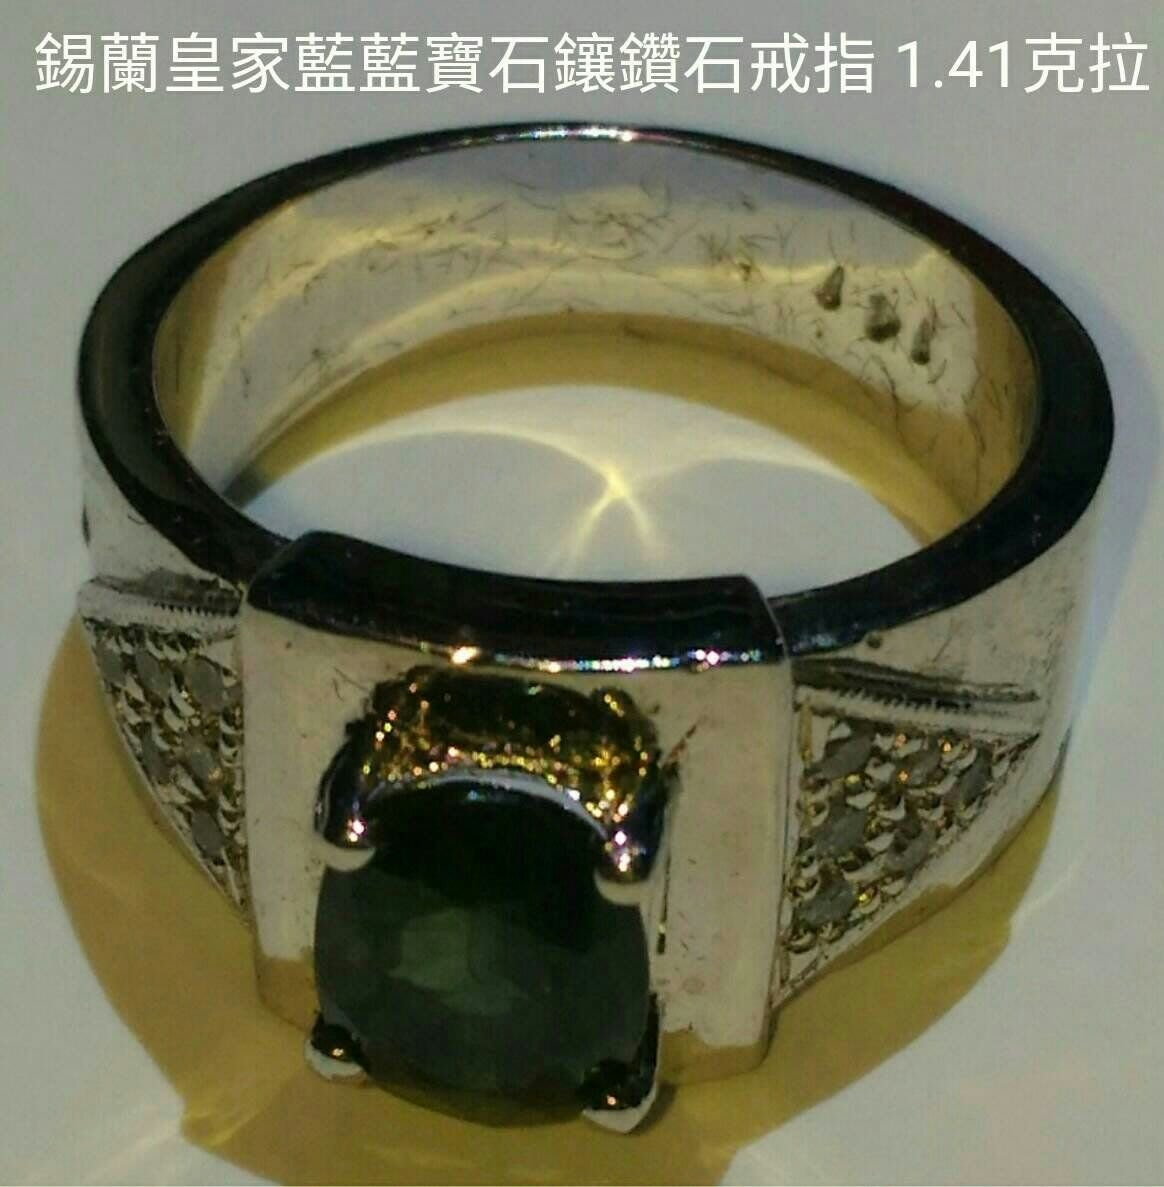 錫蘭皇家藍藍寶石 1.41克拉 鑲鑽石戒指